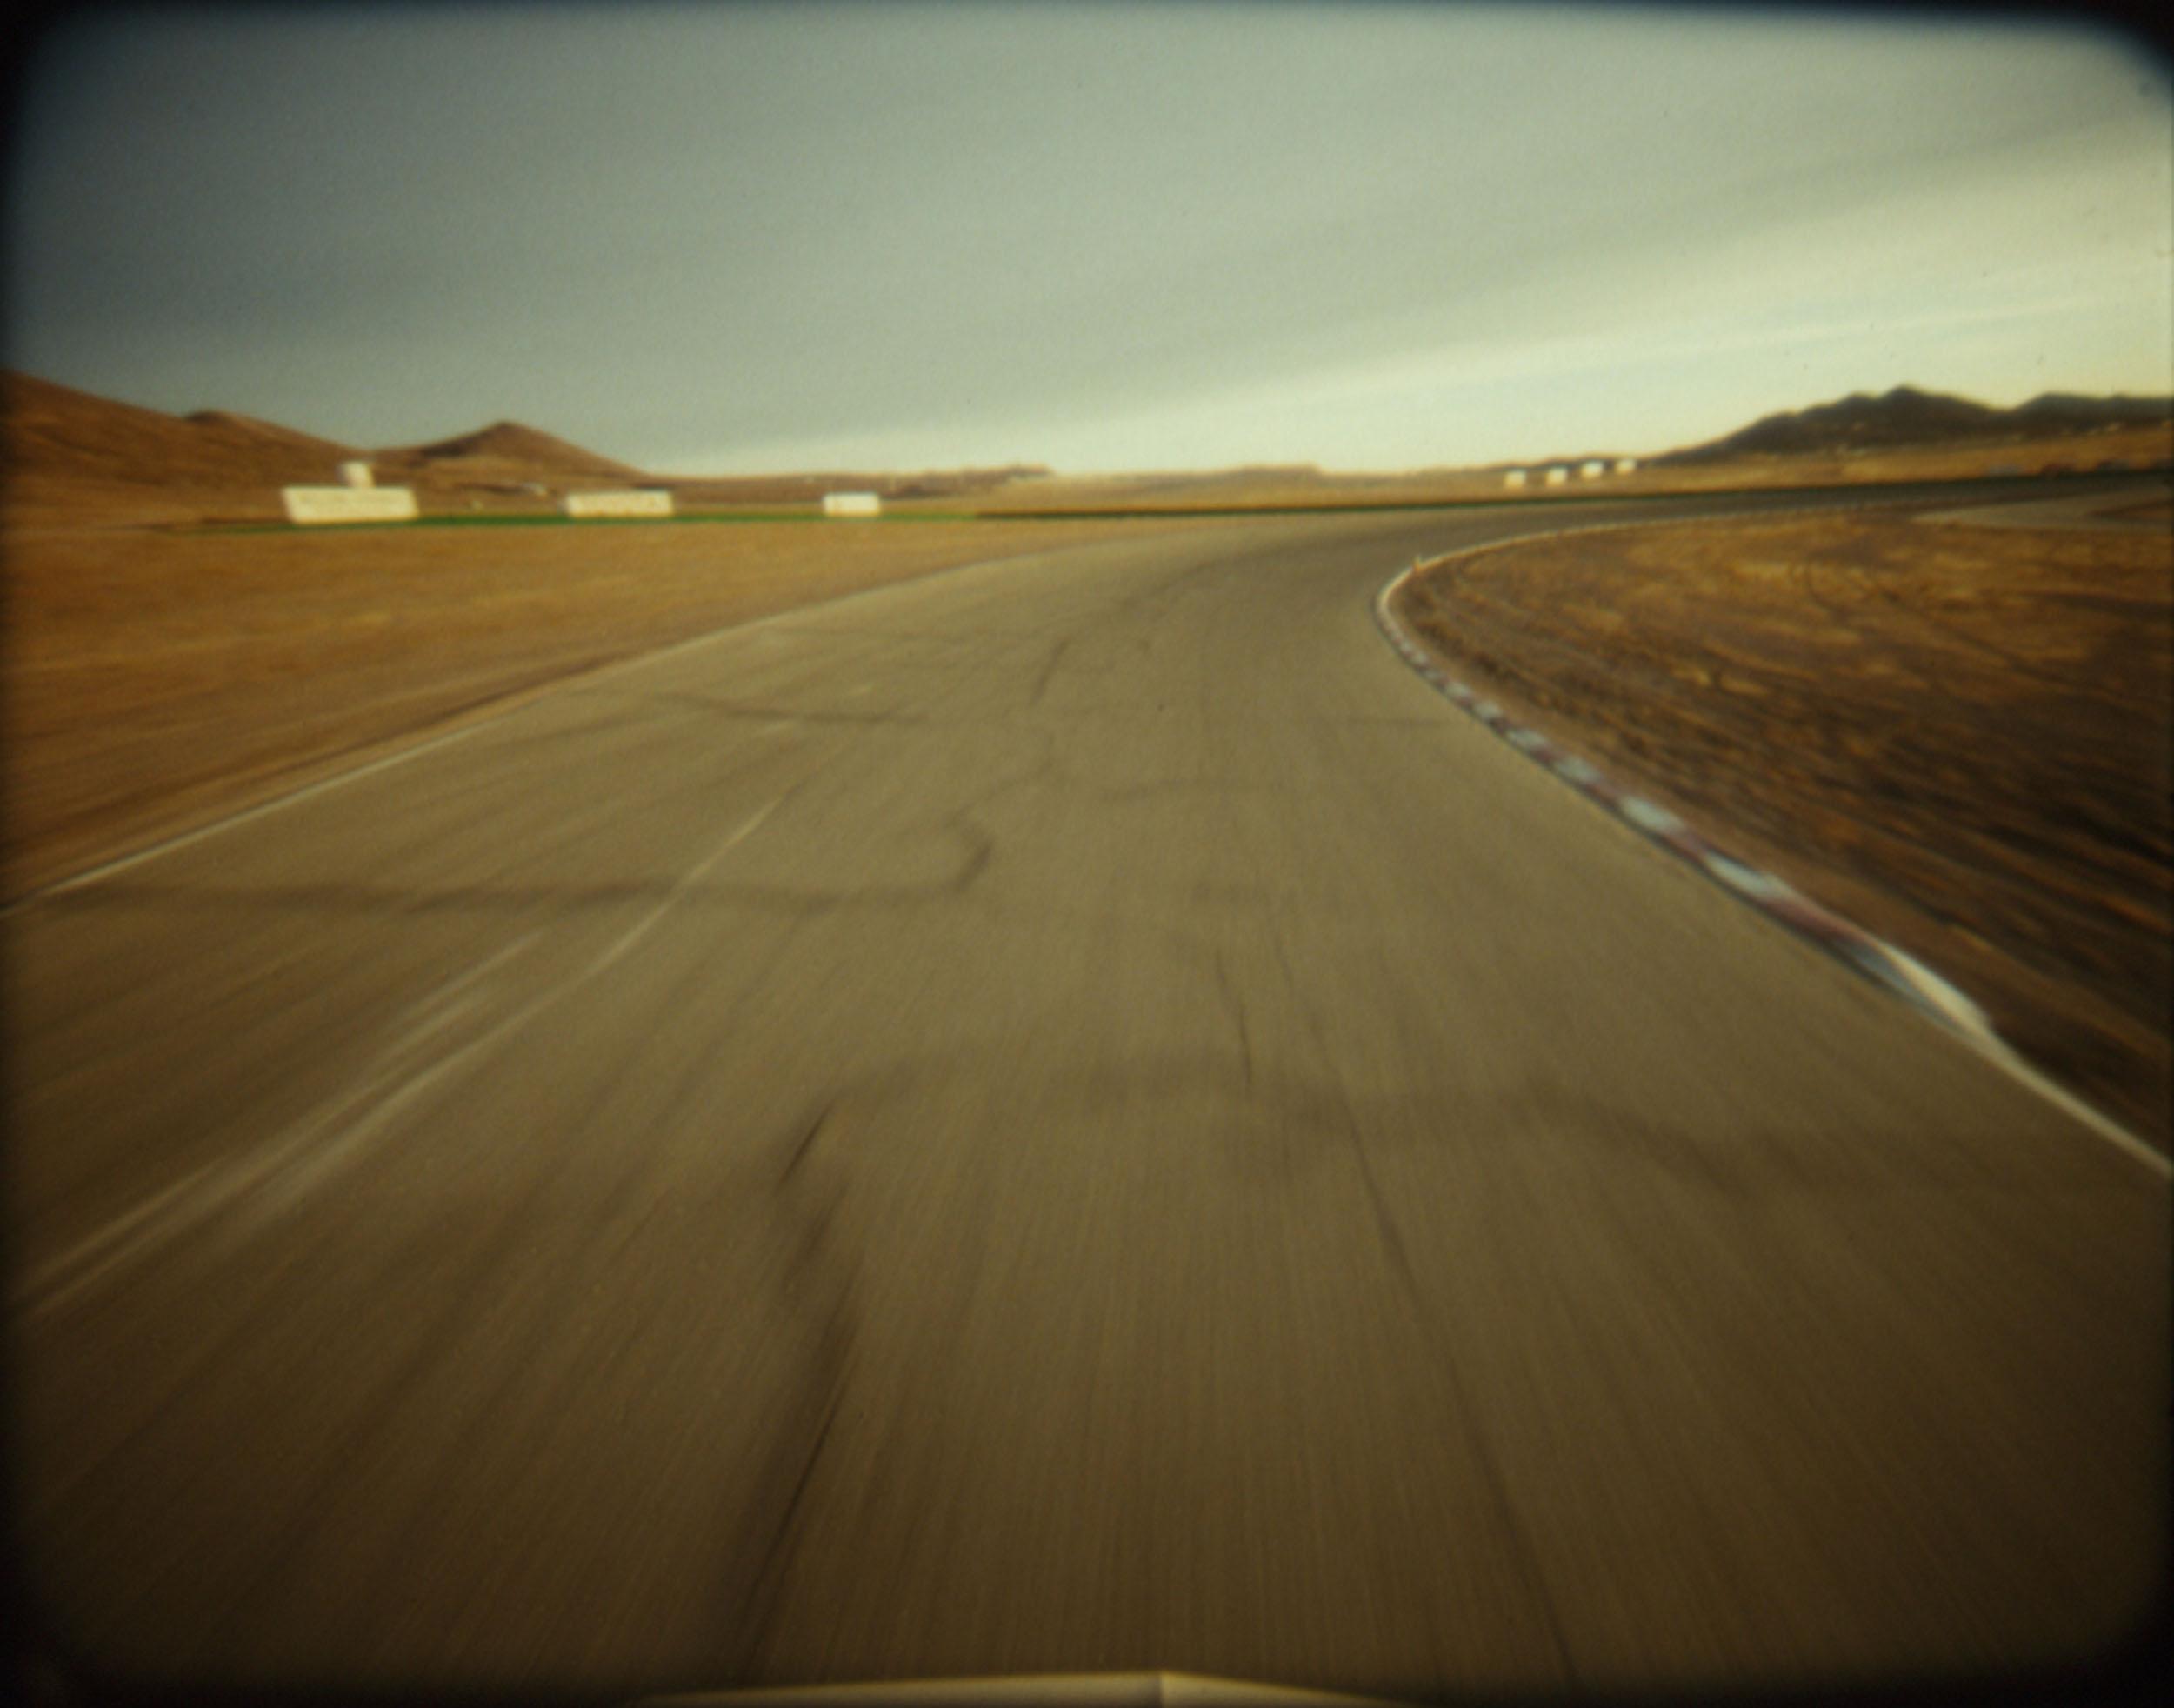 RB_2010_The_long_Road_STILL_5.jpg